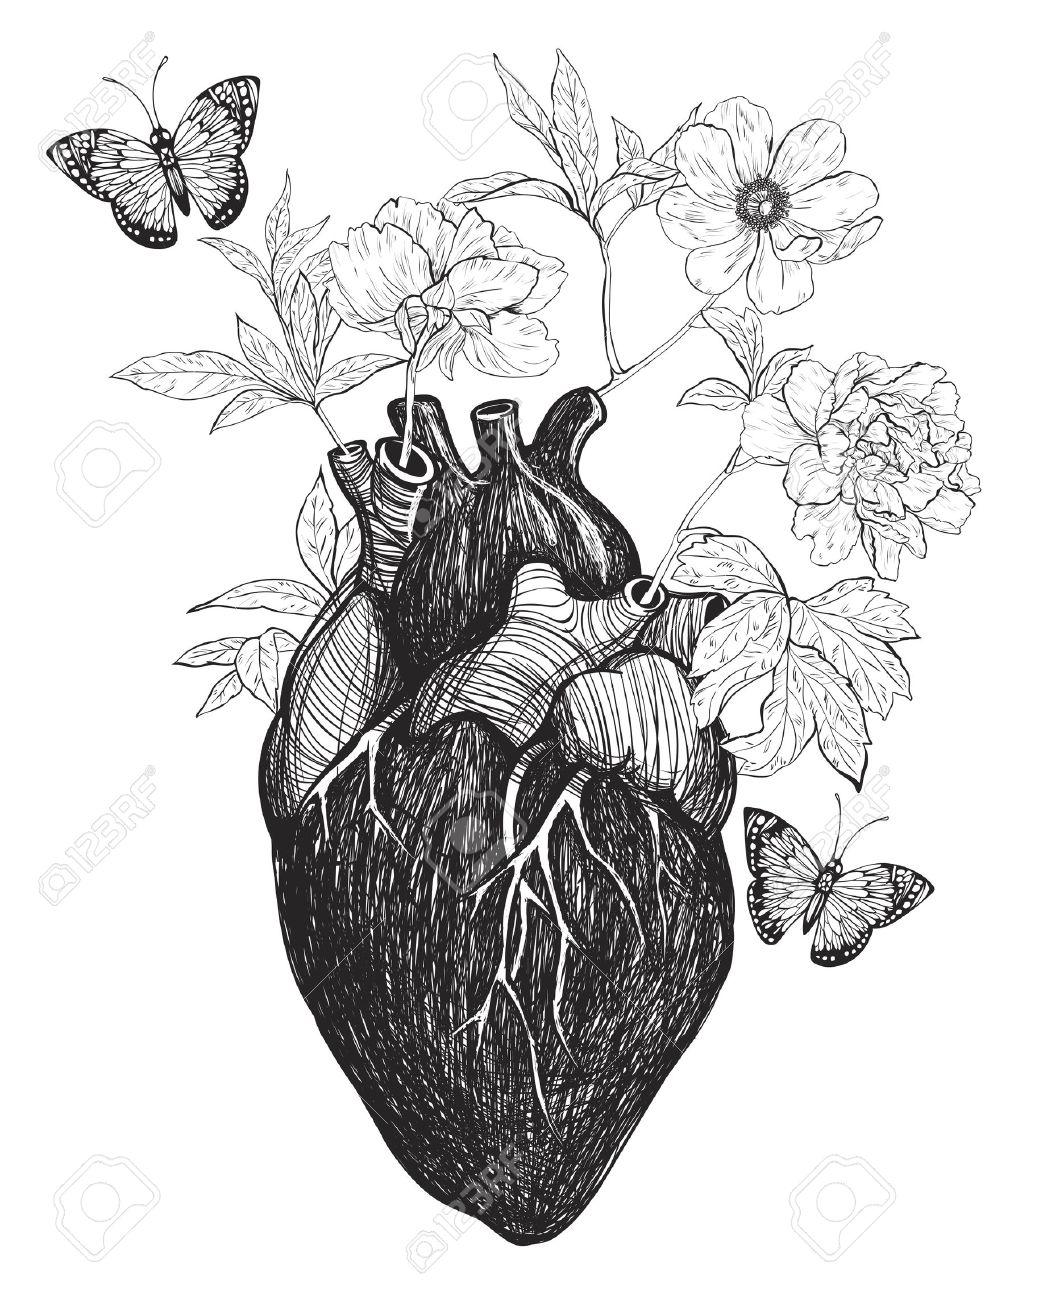 Menschliches Anatomisches Herz Mit Blumen Auf Weißem Hintergrund ...